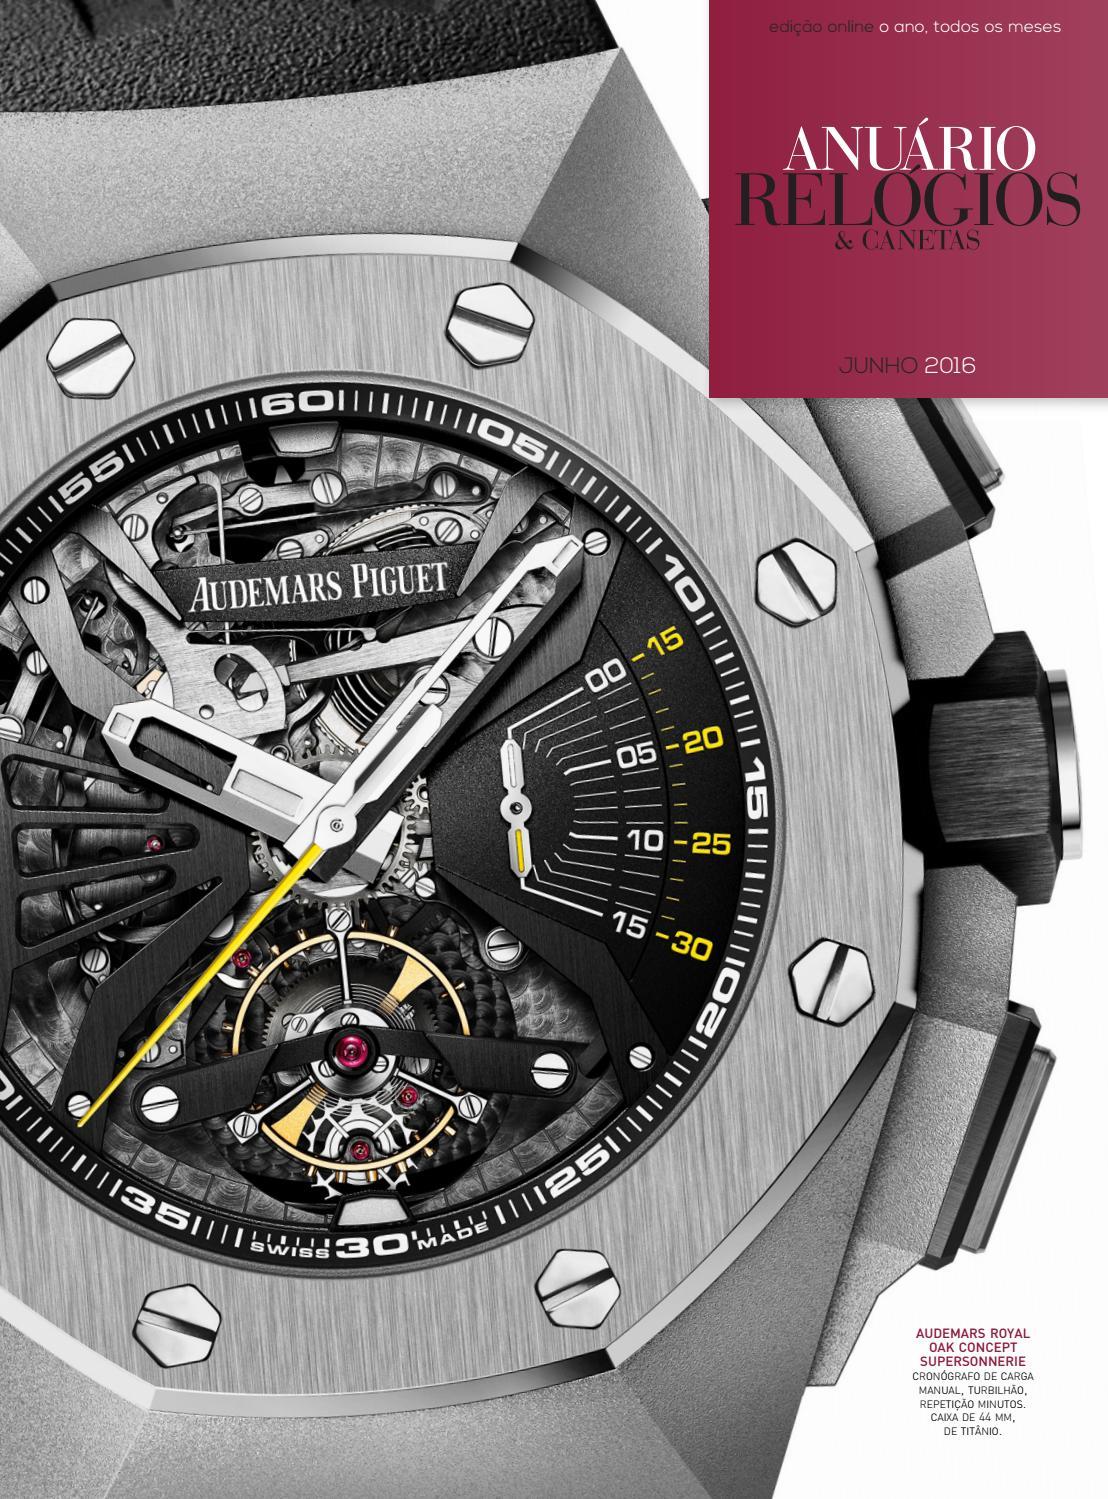 f76fcc47451 Anuário Relógios   Canetas - Junho 2016 by Anuário Relógios   Canetas -  issuu